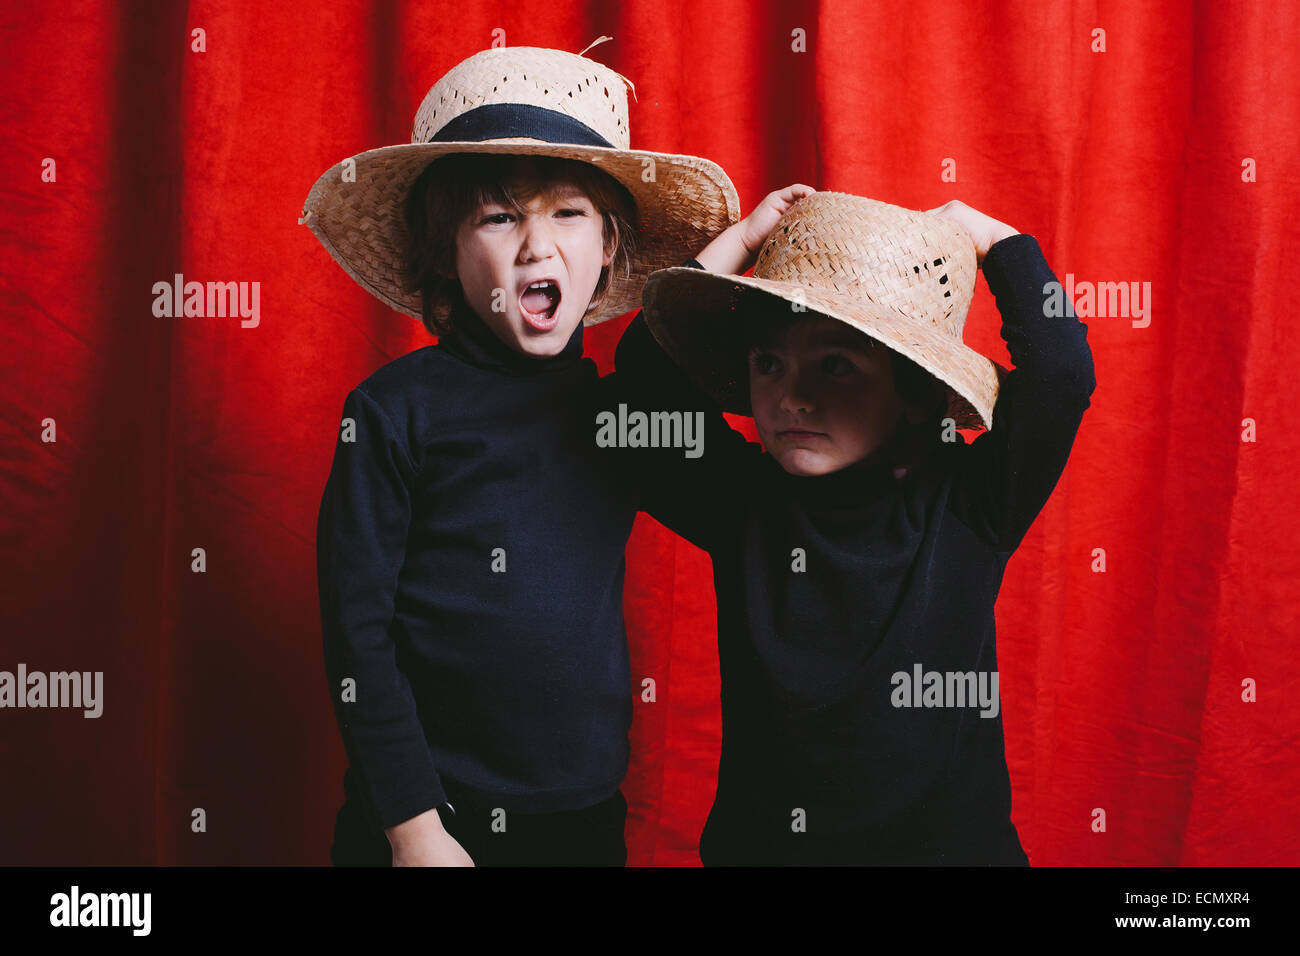 Portrait de deux garçons portant des vêtements noirs et un chapeau de paille Photo Stock